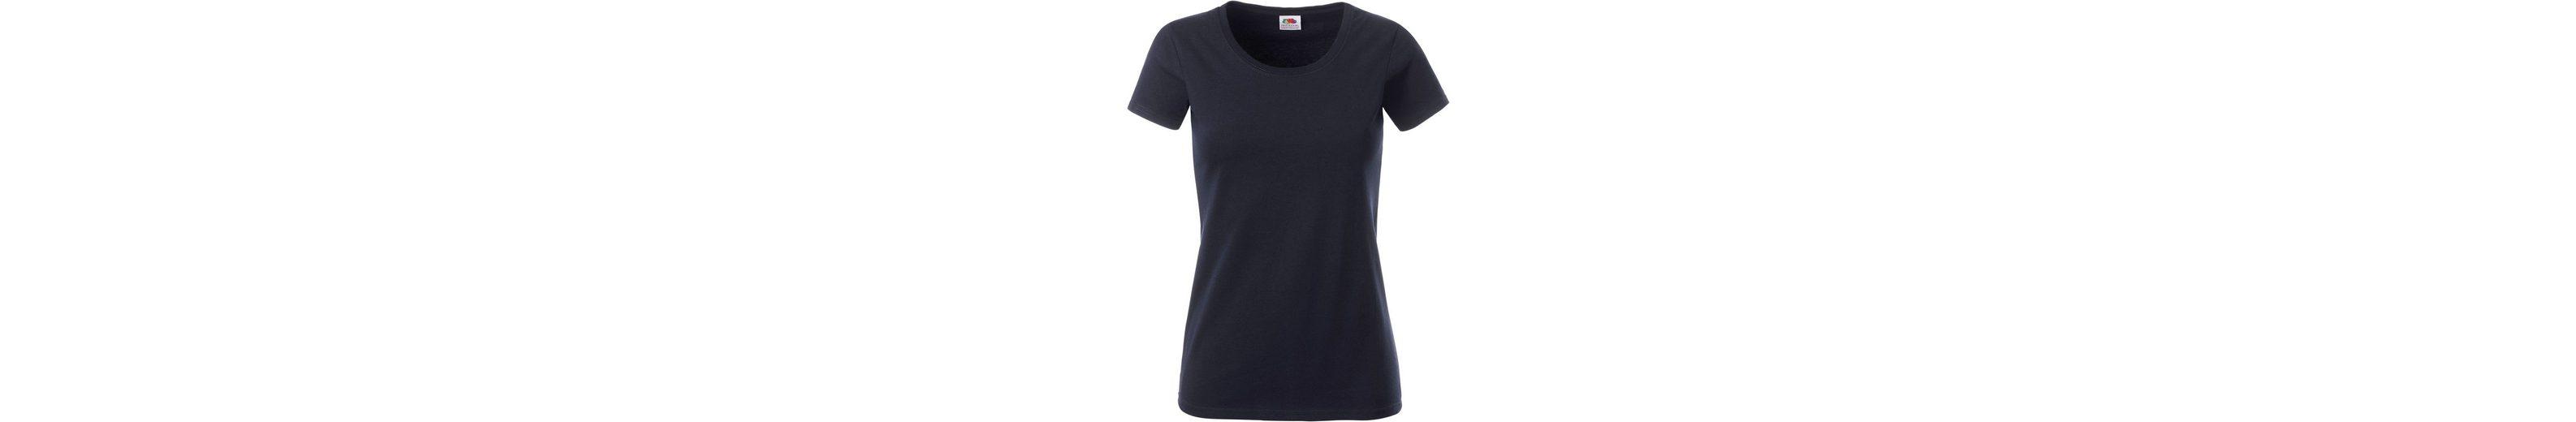 Shirt im Doppelpack Steckdose Mit Master Auslass Verkauf Online BaHsXnsVwP